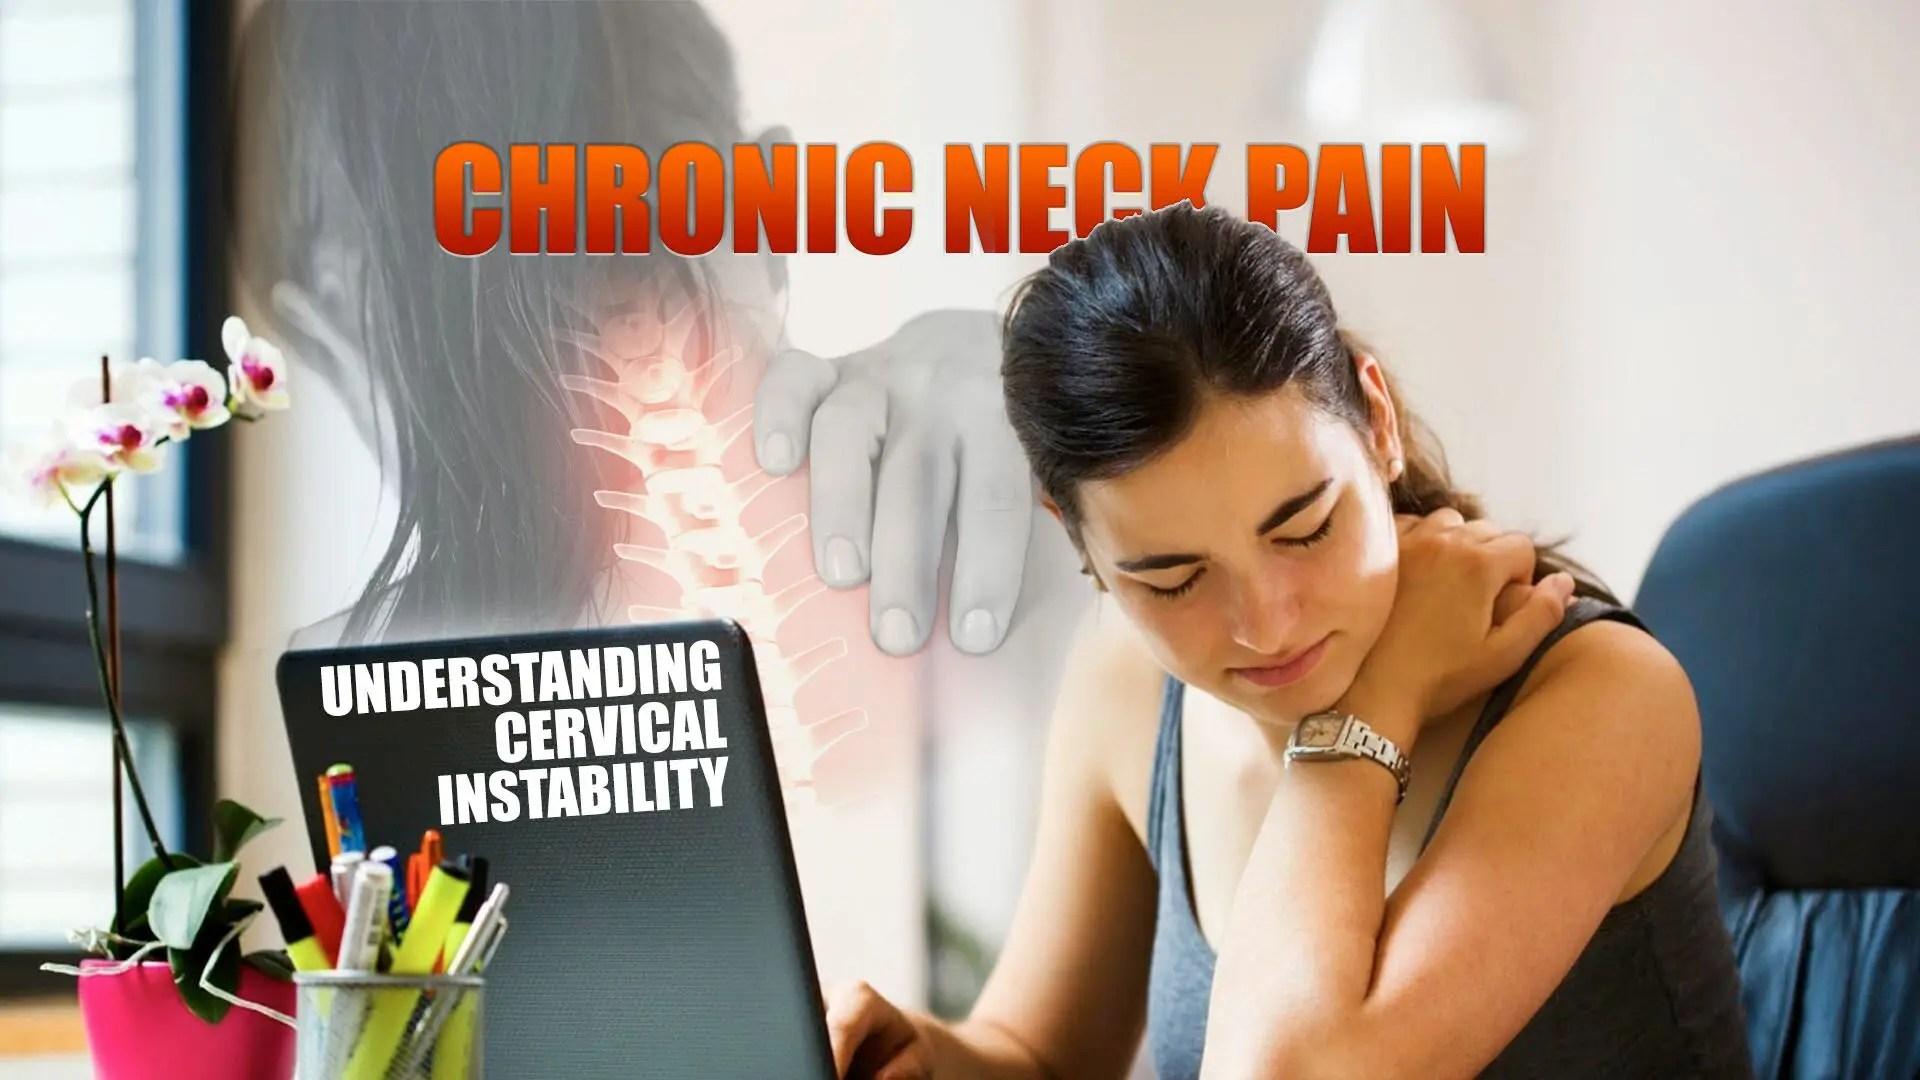 Éles térdfájdalom ez az. Térdfájdalmak, térdízületi kopás   hanyagelegancia.hu